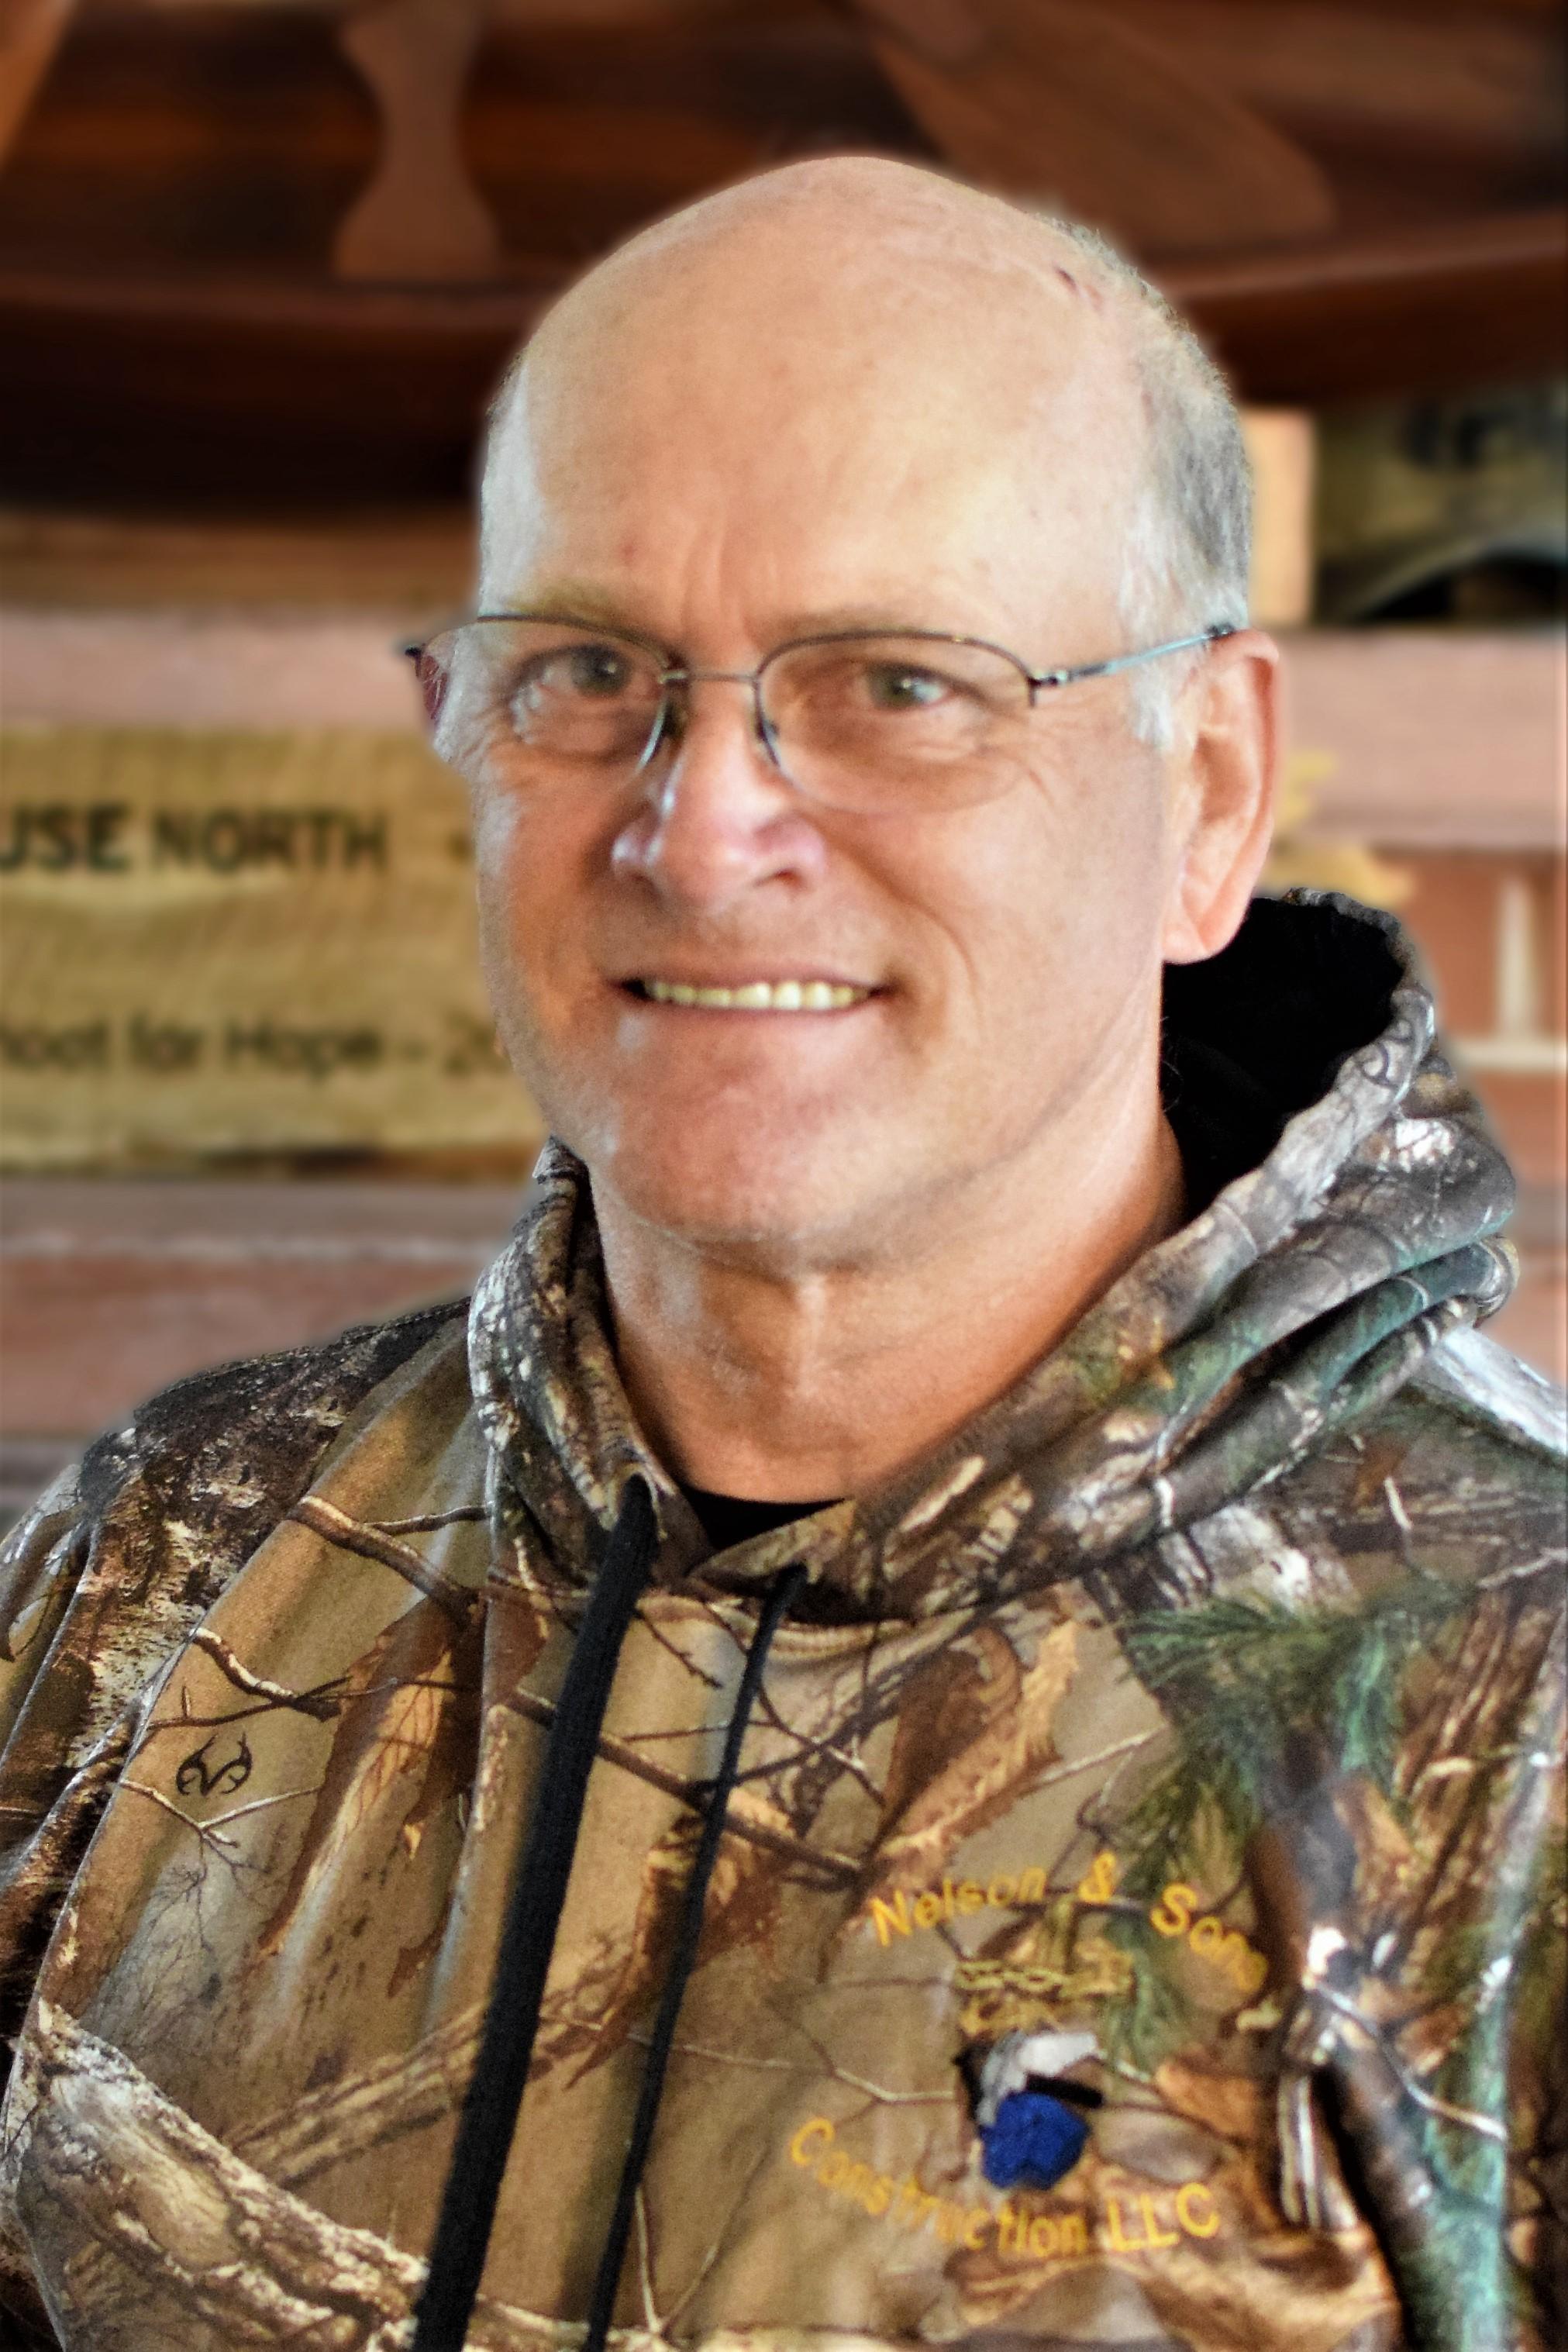 Jeff E